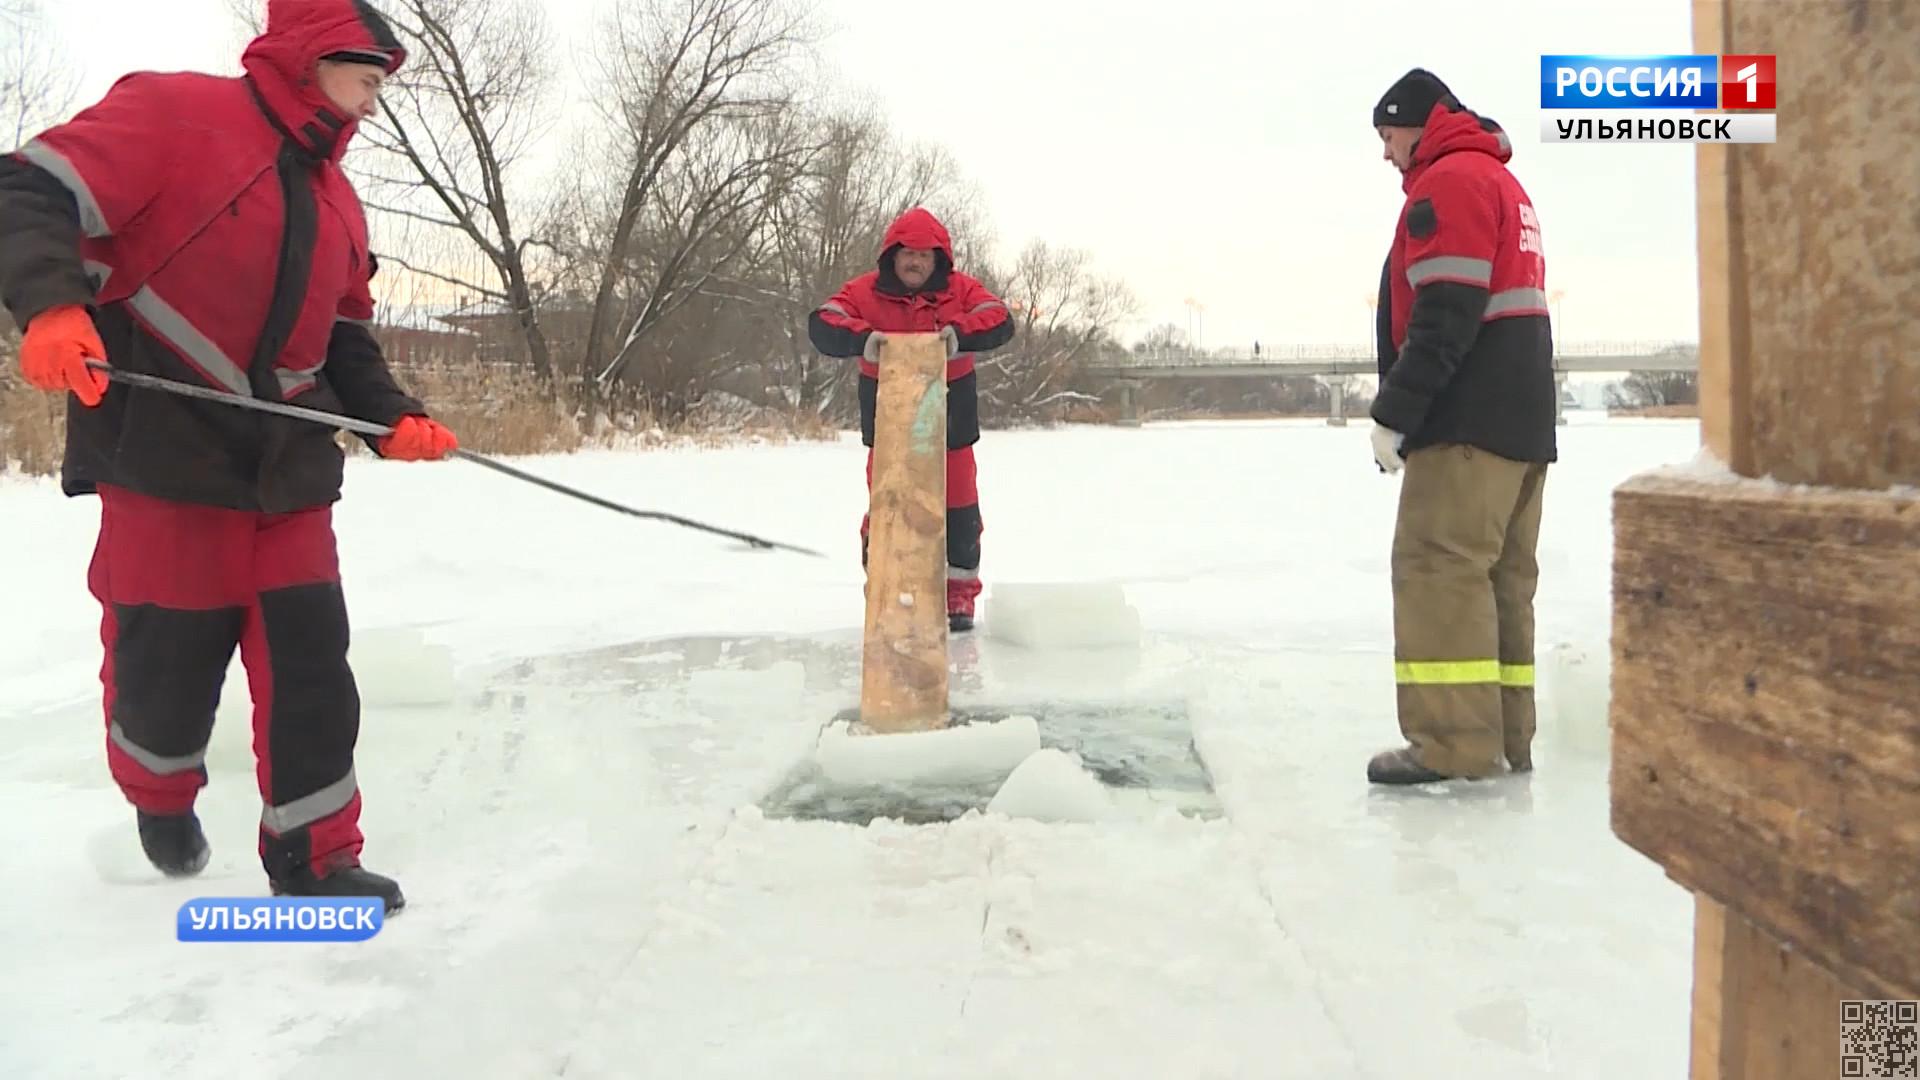 Опасно! Тонкий лед